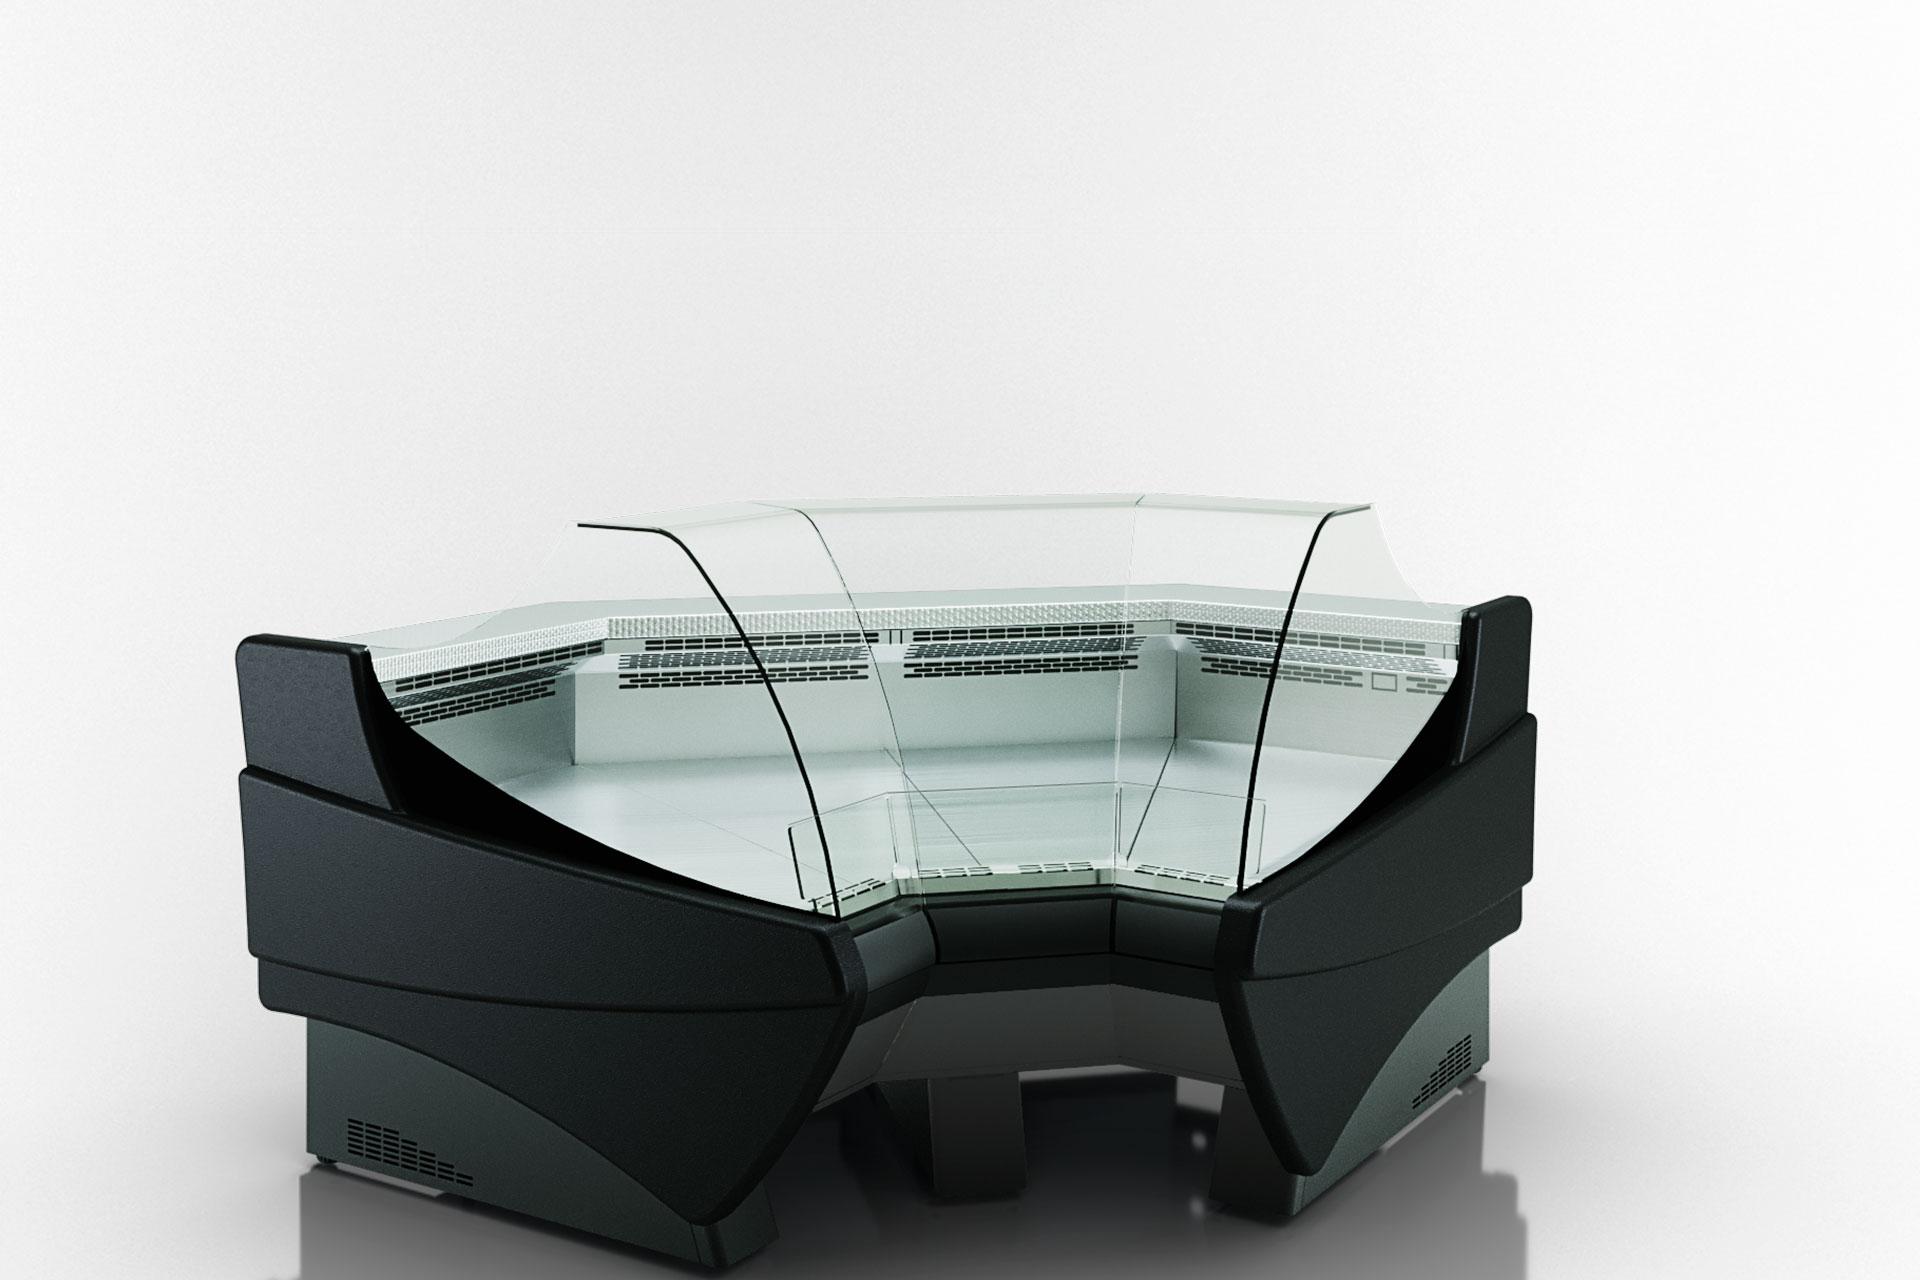 Kühlvitrinen Symphony luxe MG 120 deli T 110-DLM-IS90